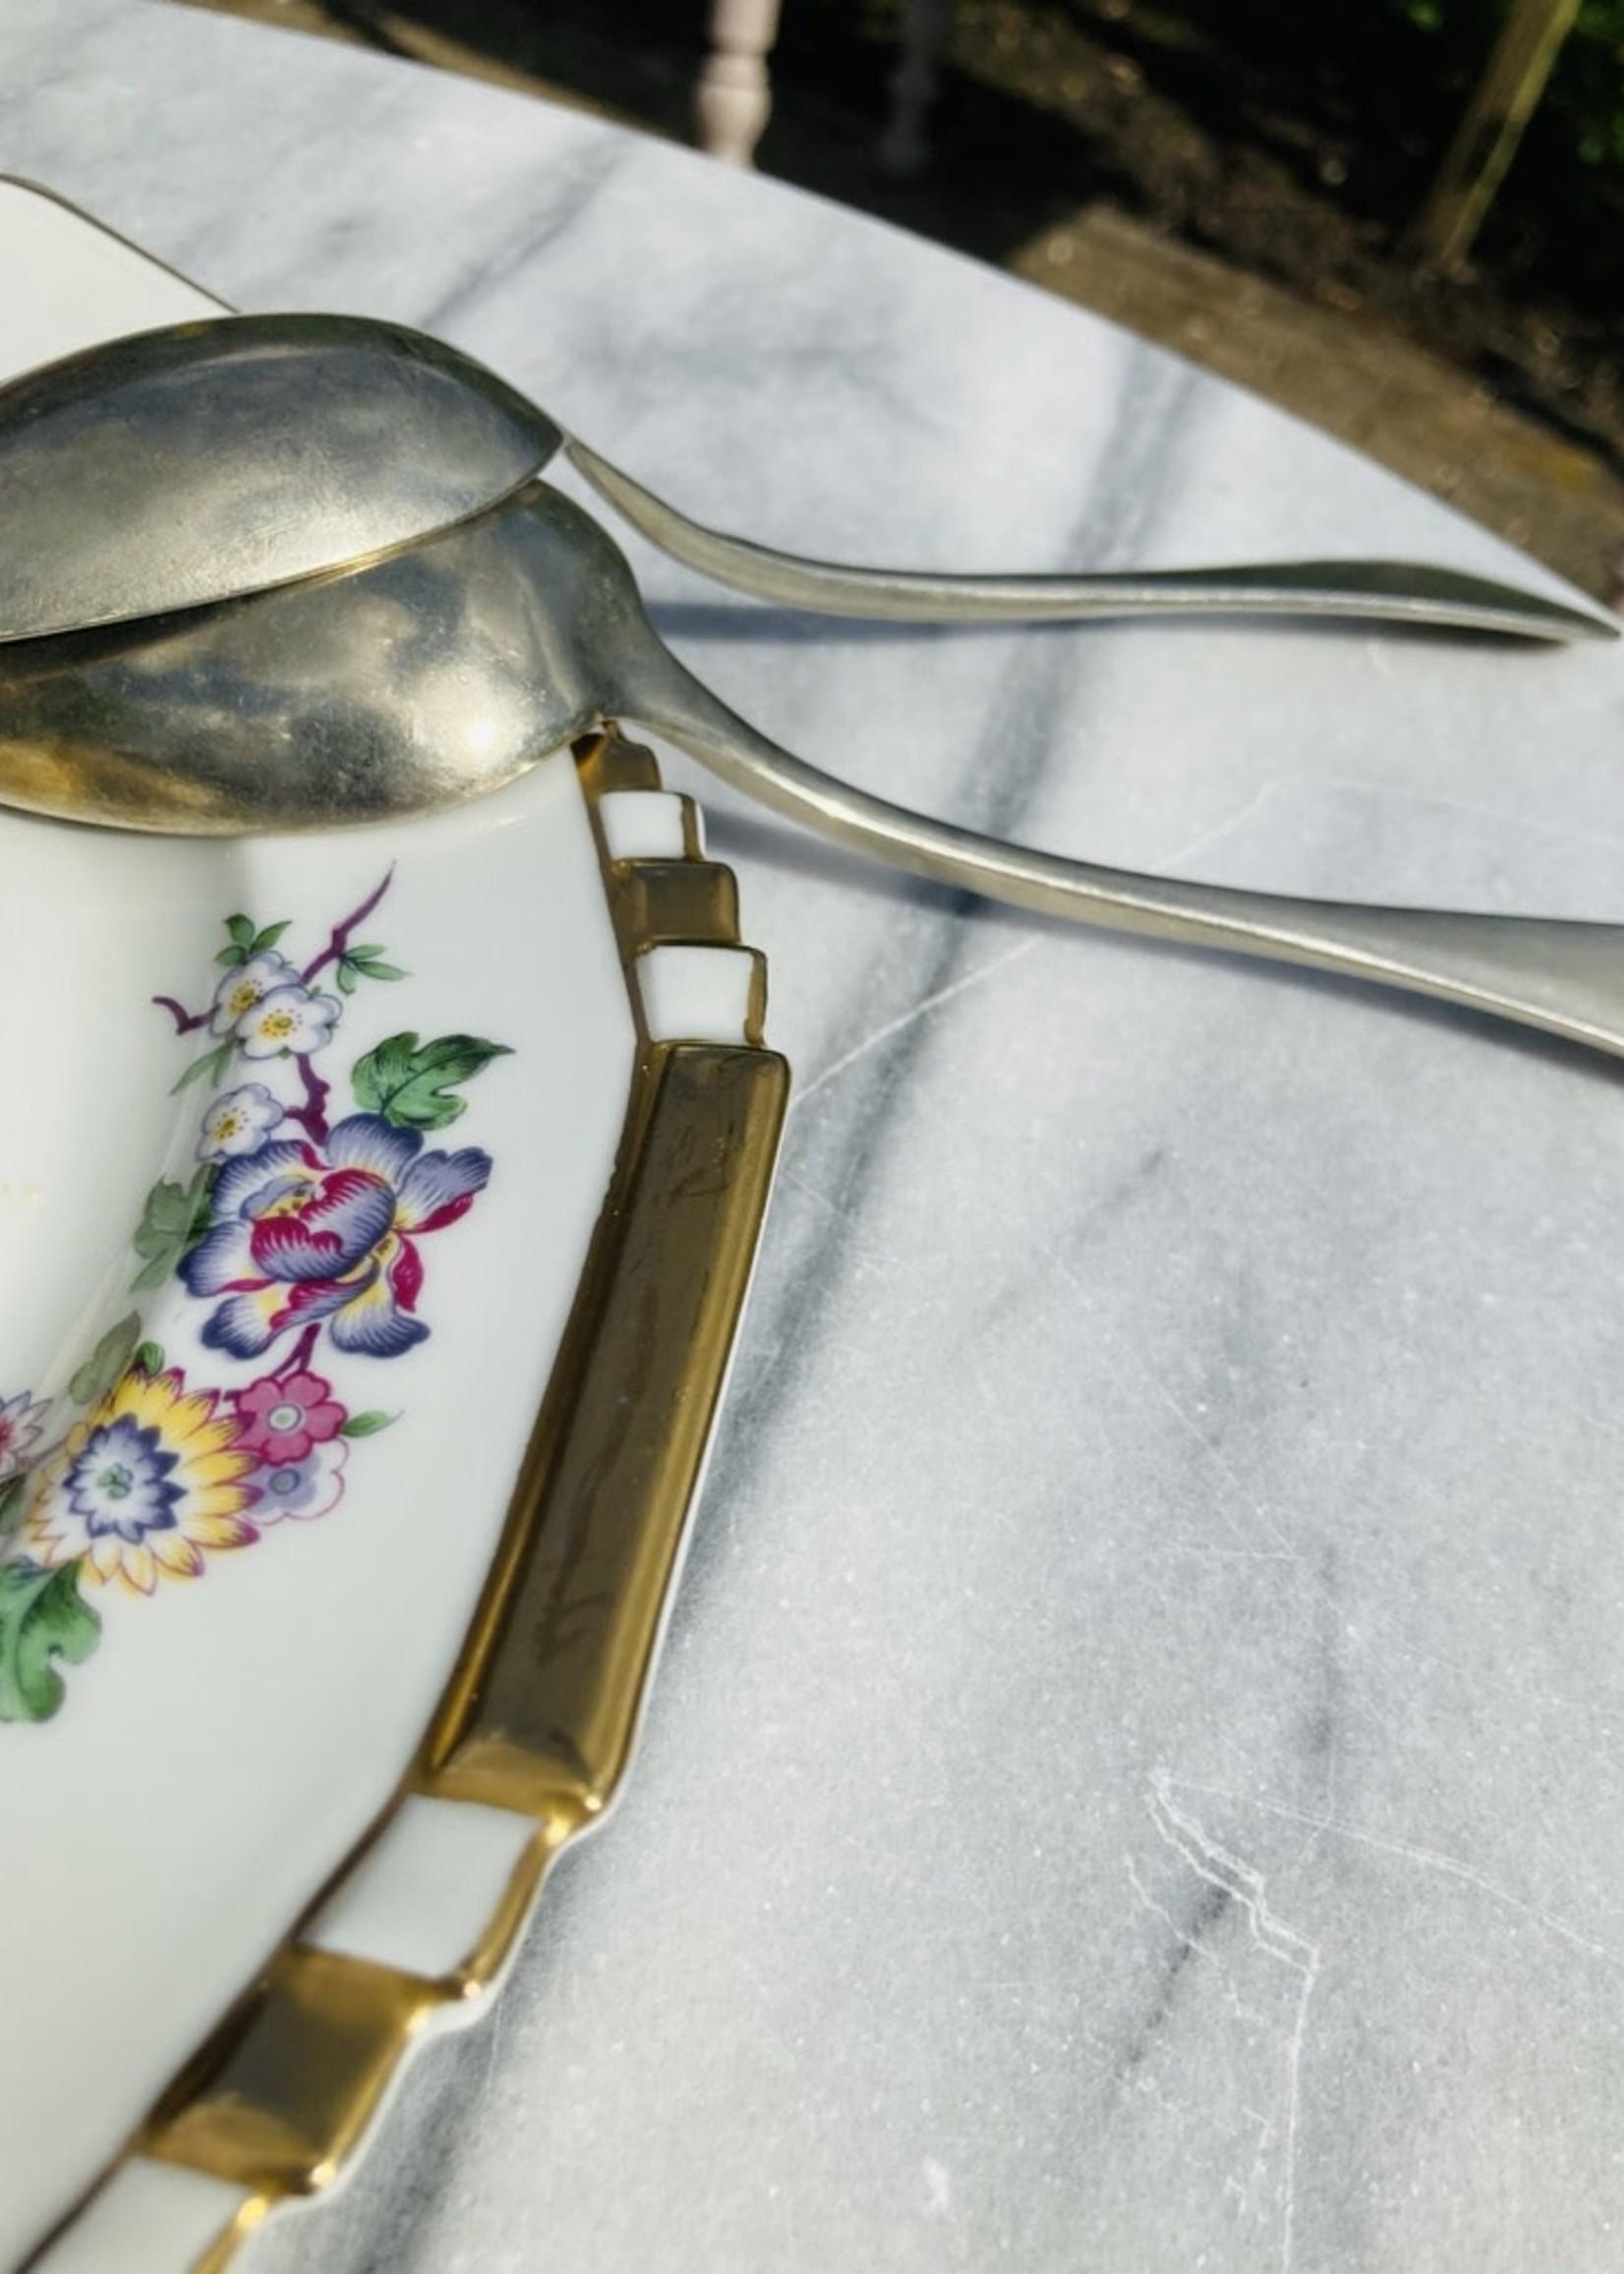 Cerabel Dish from Cerabel Gand